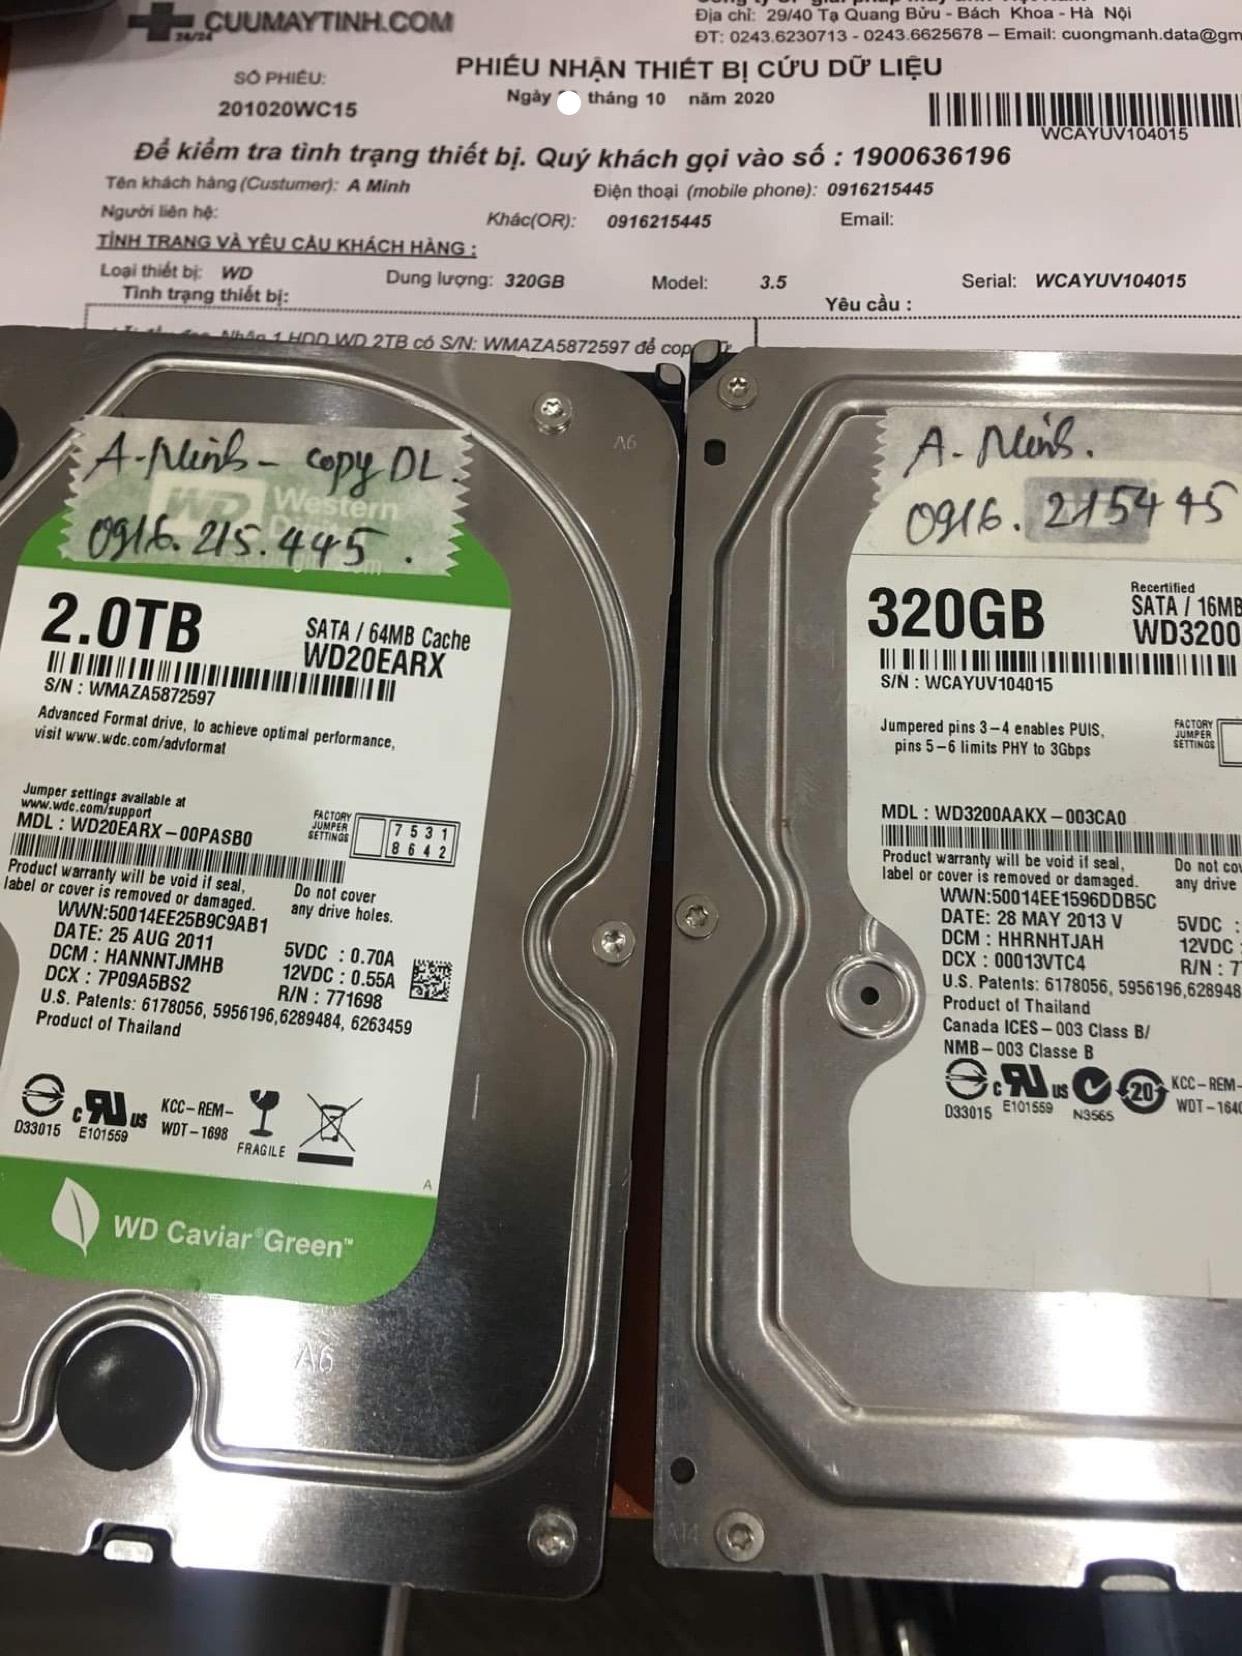 Khôi phục dữ liệu ổ cứng Western 320GB lỗi đầu đọc 30/10/2020 - cuumaytinh